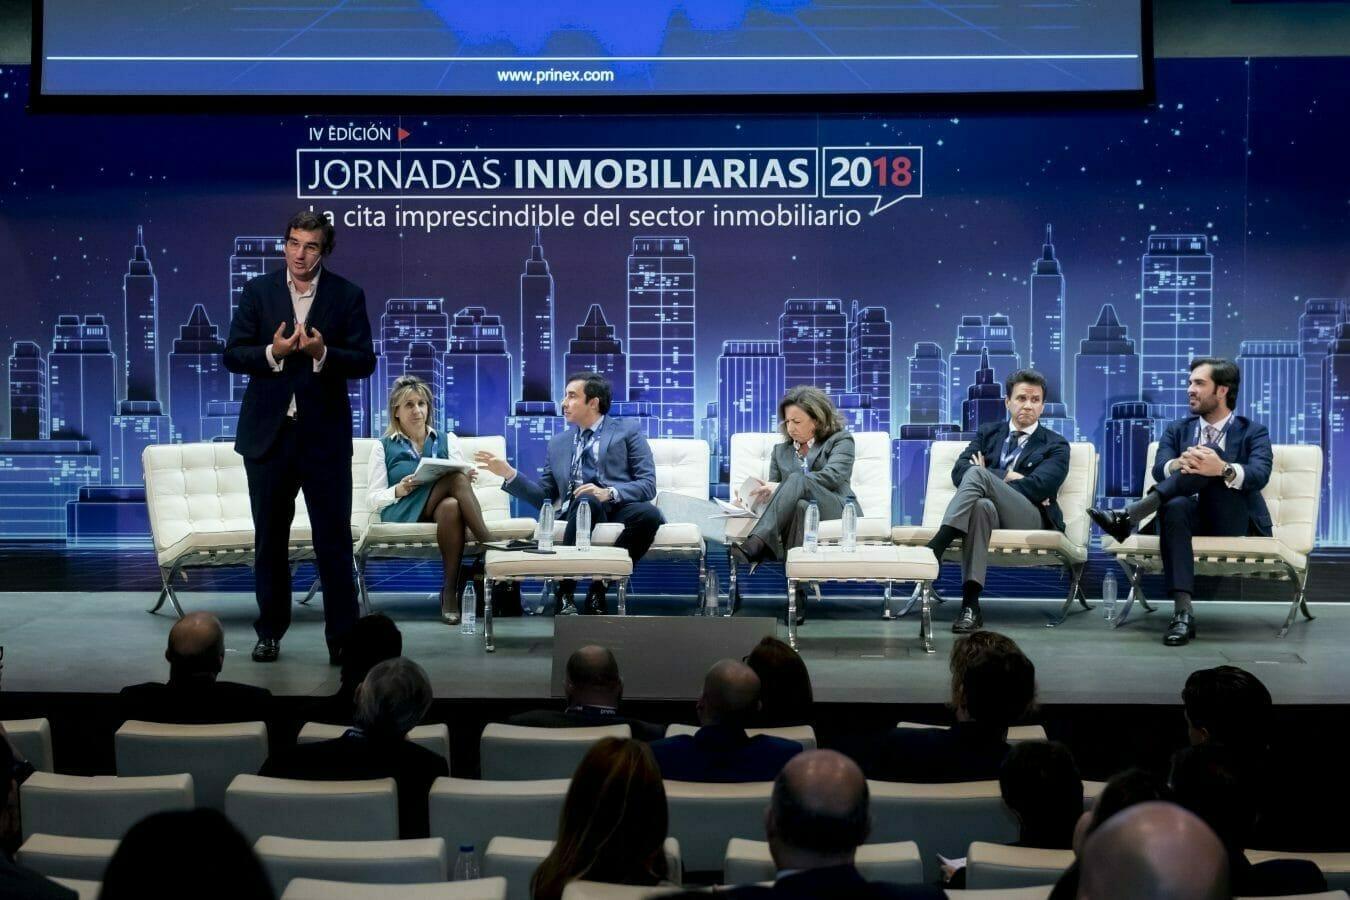 2018-11-14 JORNADAS INMOBILIARIAS PRINEX 79